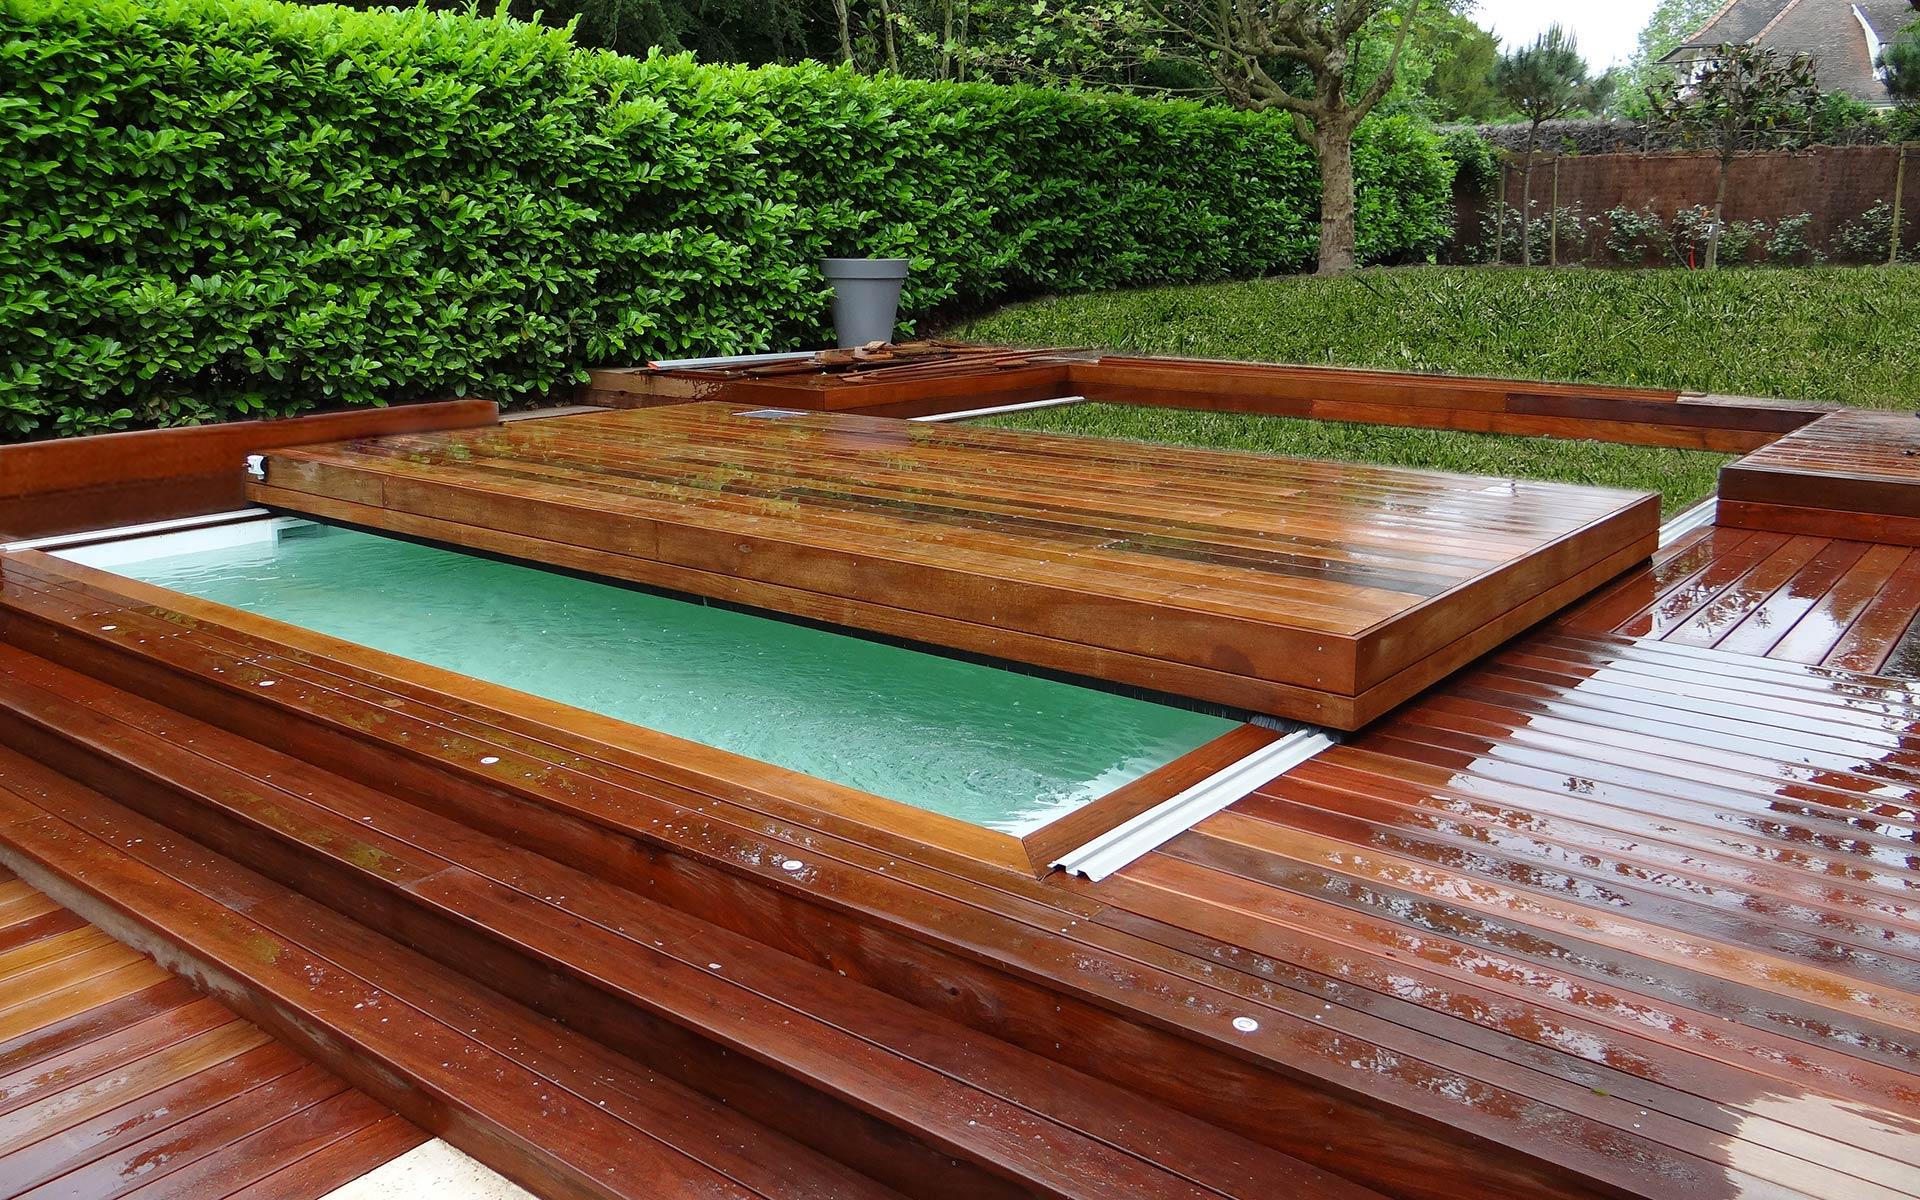 Rénovation extérieure: aménagement de votre terrasse, les trucs de pro